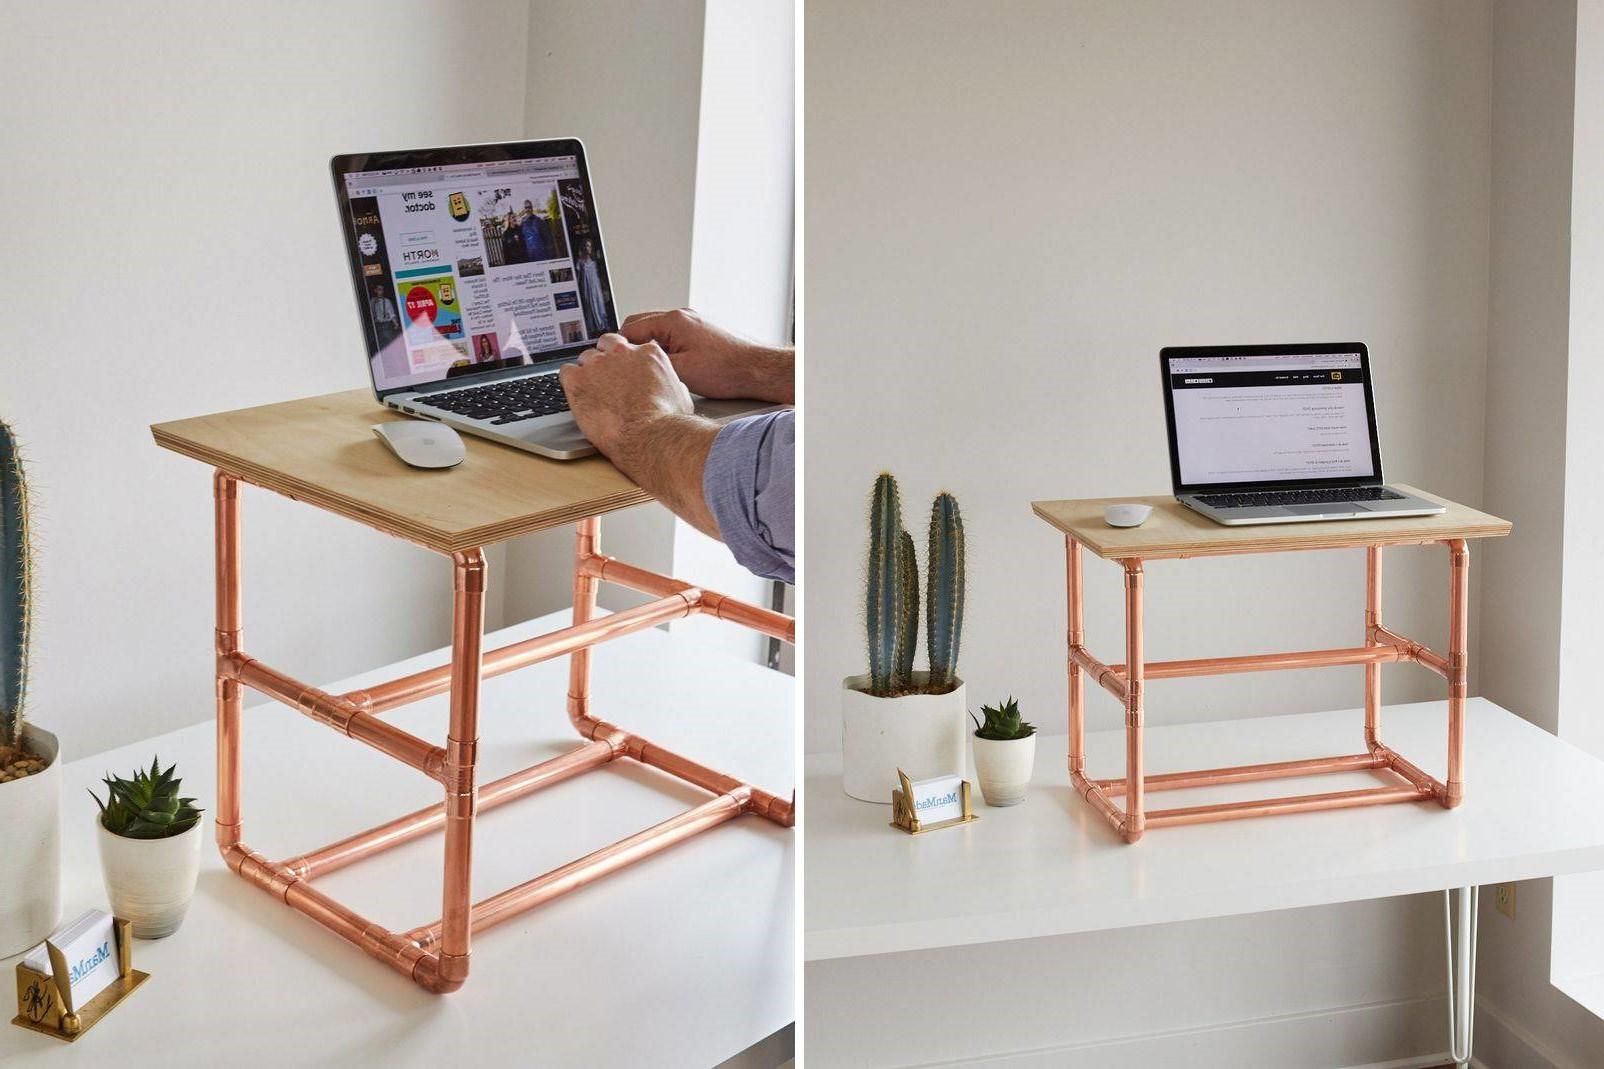 Si vous travaillez dans le confort de votre bureau à domicile, votre environnement et votre bureau en particulier ont un impact considérable sur votre productivité.